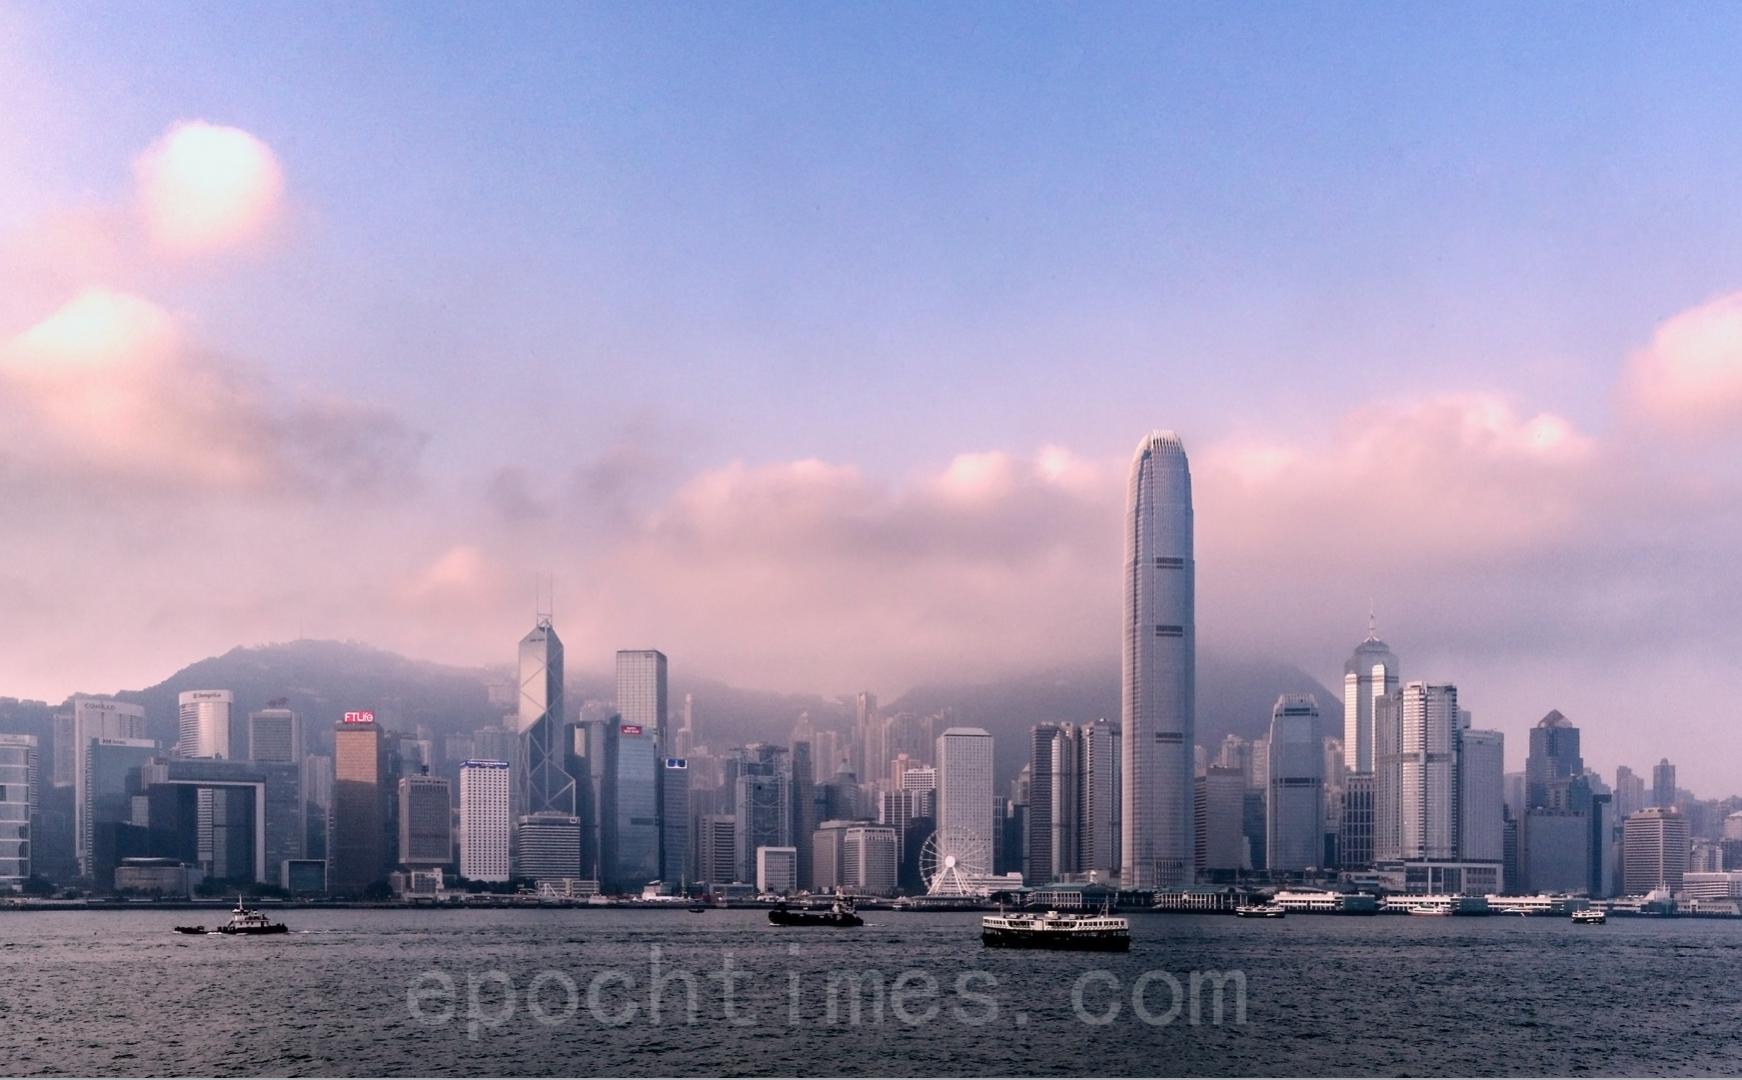 謝田博士表示,中國大陸的城市,包括上海、深圳以及海南自貿區,都無法替代香港,因為不具備香港此前的制度與香港的人才。(大紀元資料圖片)